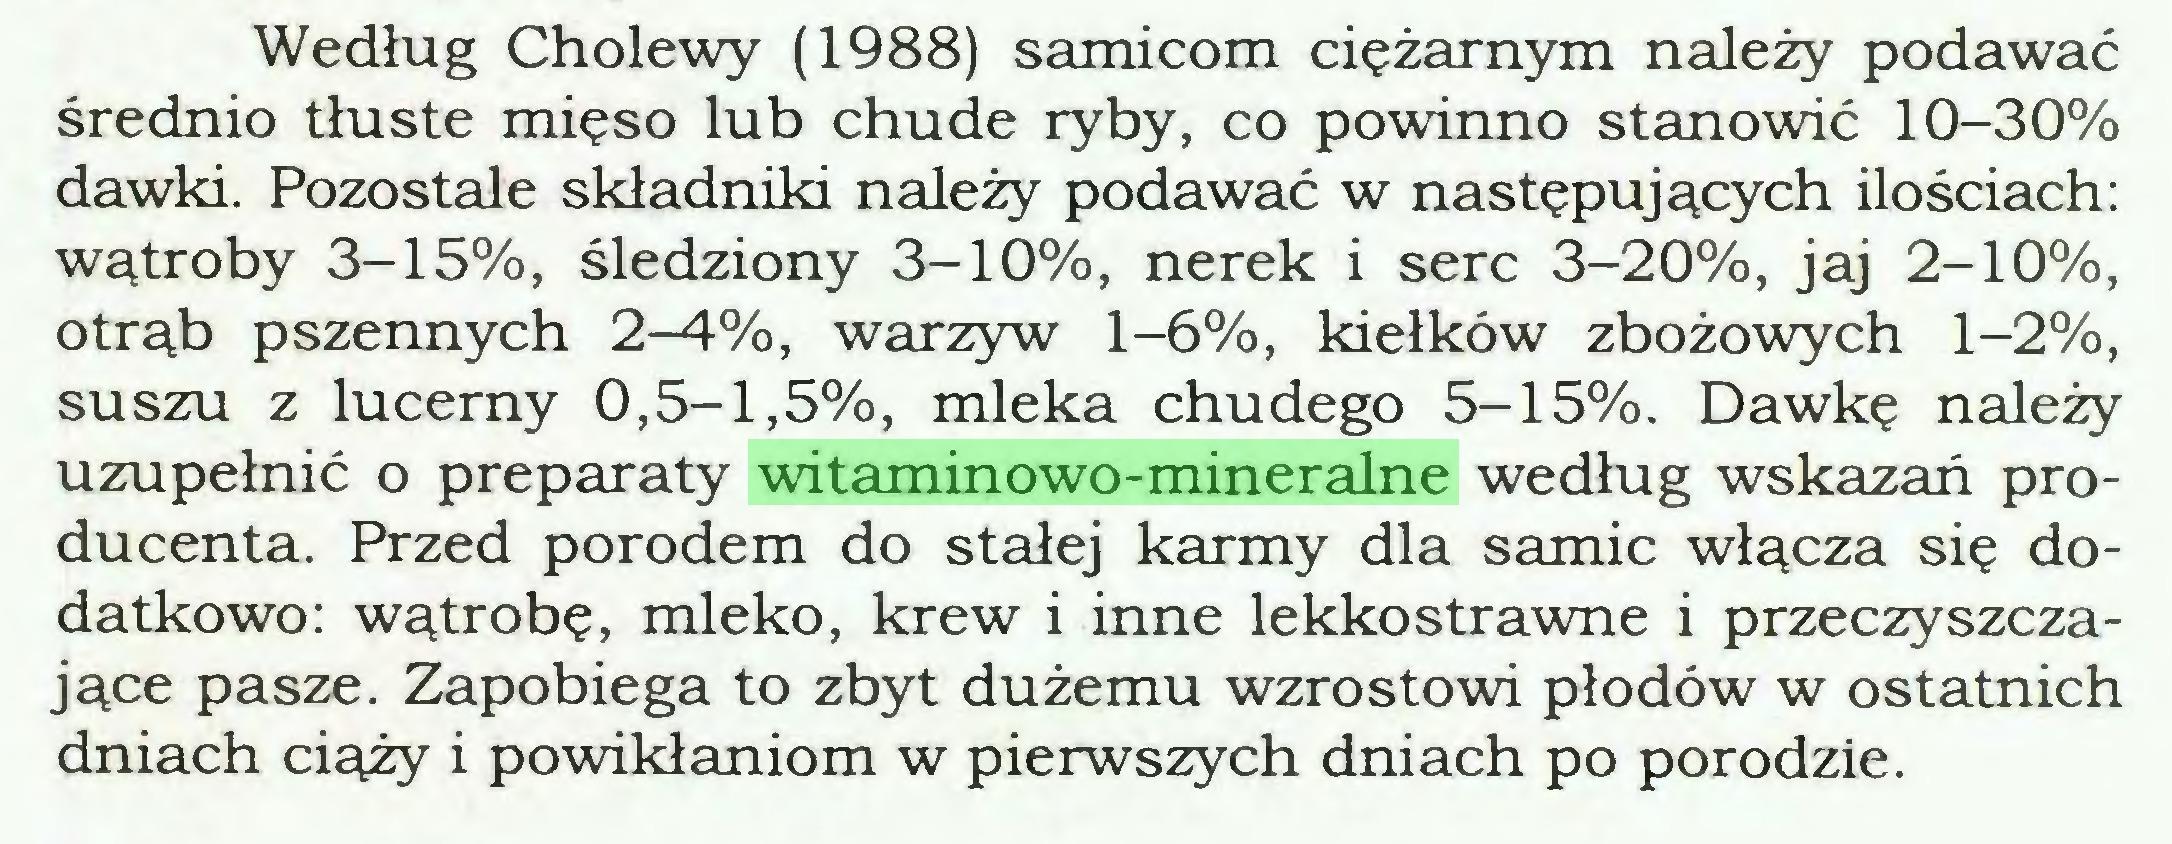 (...) Według Cholewy (1988) samicom ciężarnym należy podawać średnio tłuste mięso lub chude ryby, co powinno stanowić 10-30% dawki. Pozostałe składniki należy podawać w następujących ilościach: wątroby 3-15%, śledziony 3-10%, nerek i serc 3-20%, jaj 2-10%, otrąb pszennych 2-4%, warzyw 1-6%, kiełków zbożowych 1-2%, suszu z lucerny 0,5-1,5%, mleka chudego 5-15%. Dawkę należy uzupełnić o preparaty witaminowo-mineralne według wskazań producenta. Przed porodem do stałej karmy dla samic włącza się dodatkowo: wątrobę, mleko, krew i inne lekkostrawne i przeczyszczające pasze. Zapobiega to zbyt dużemu wzrostowi płodów w ostatnich dniach ciąży i powikłaniom w pierwszych dniach po porodzie...